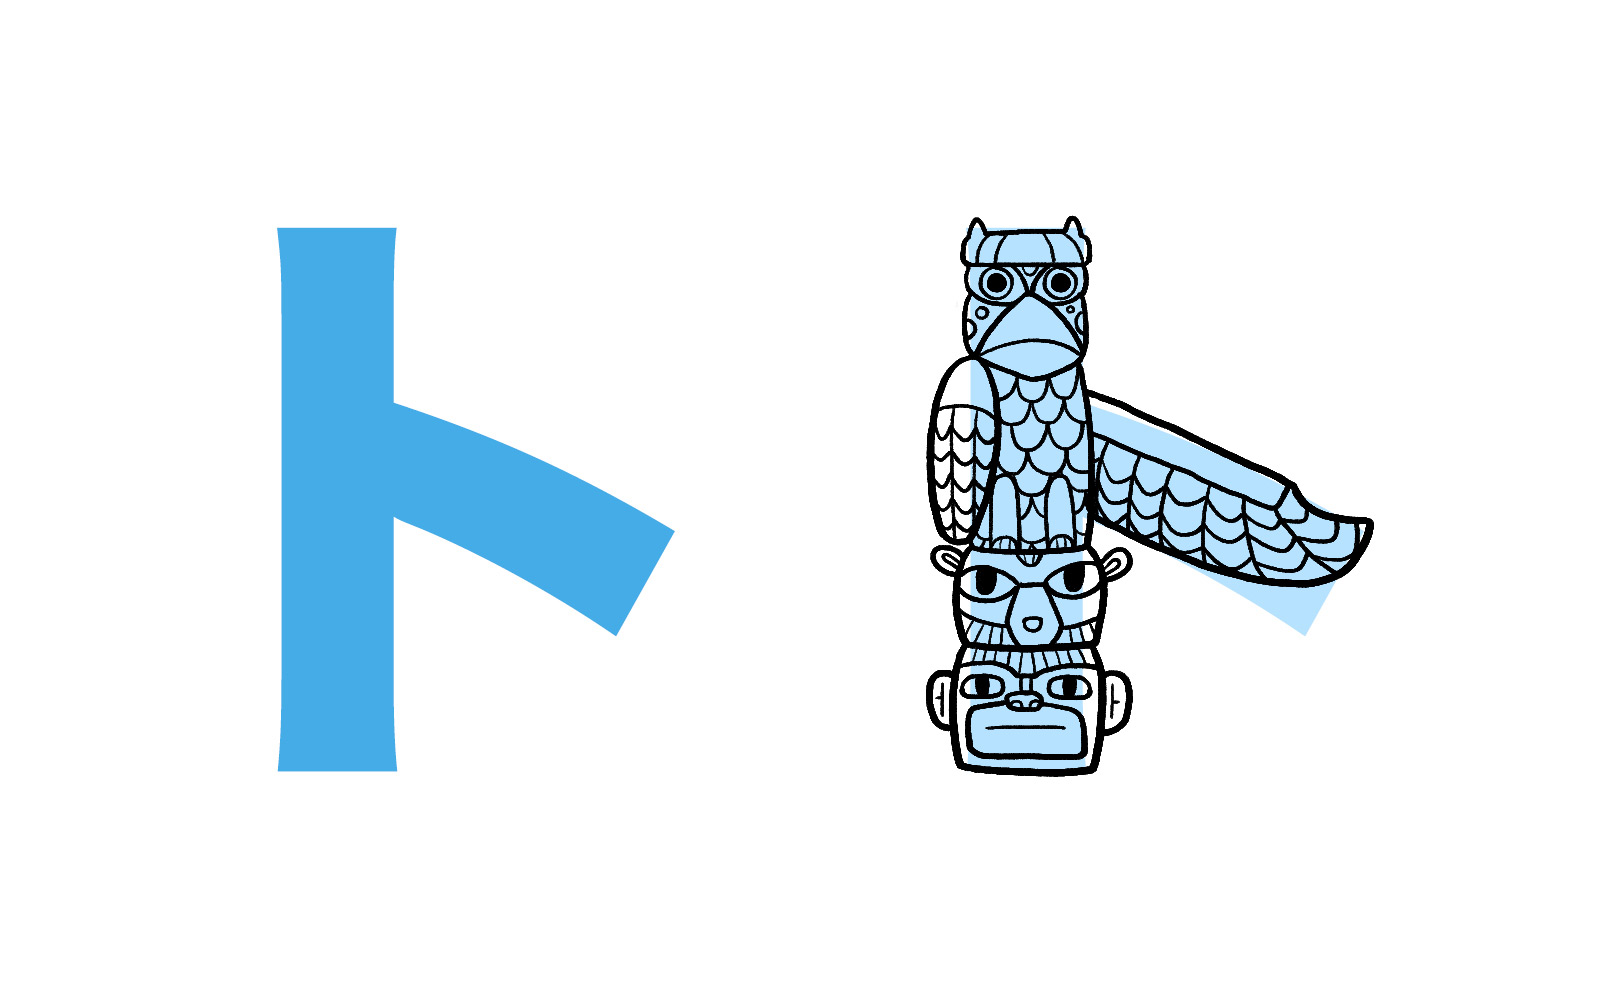 Katakana character ト mnemonic